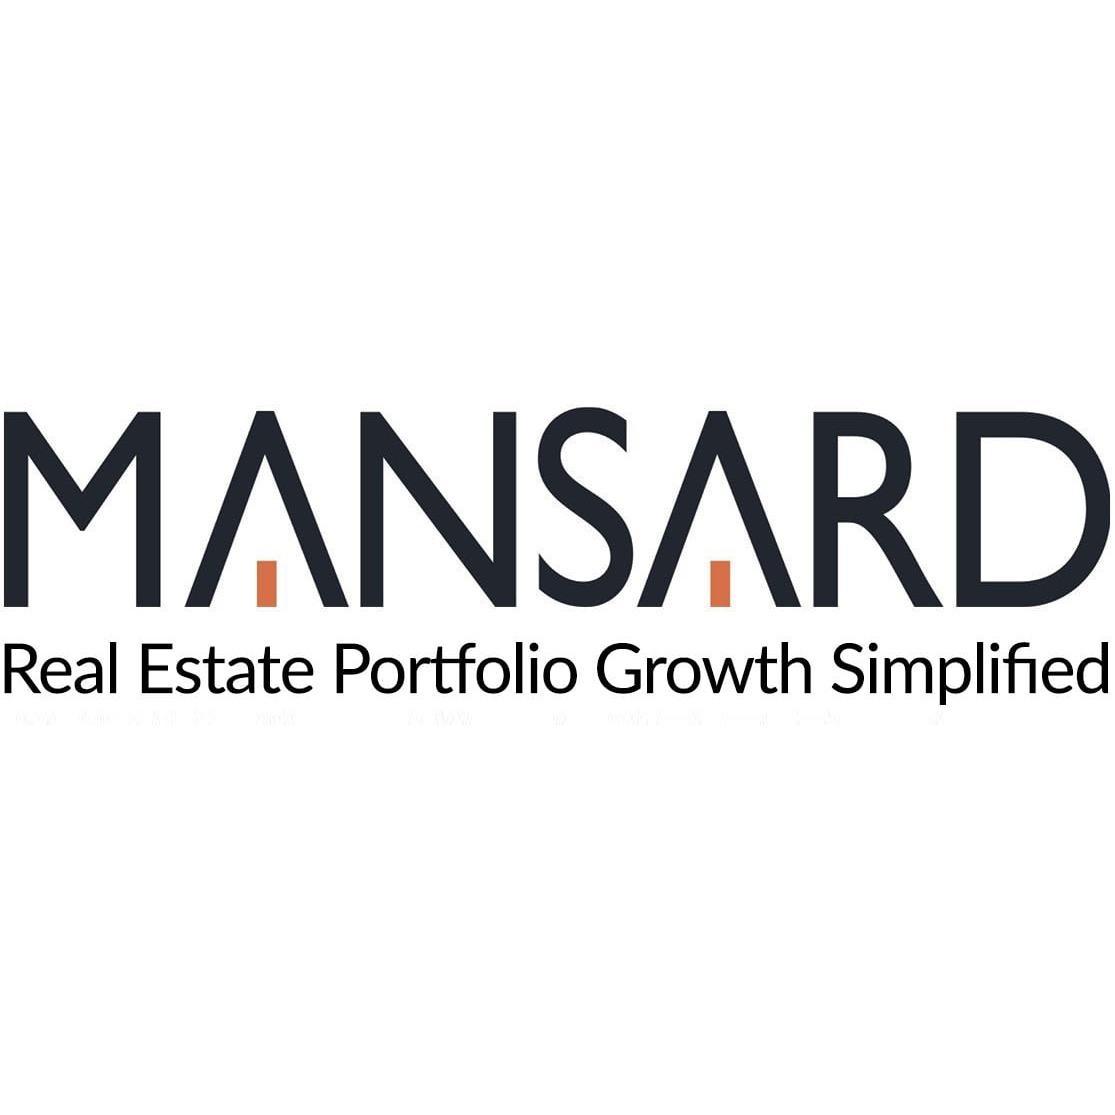 MANSARD Commercial Real Estate Property Sales